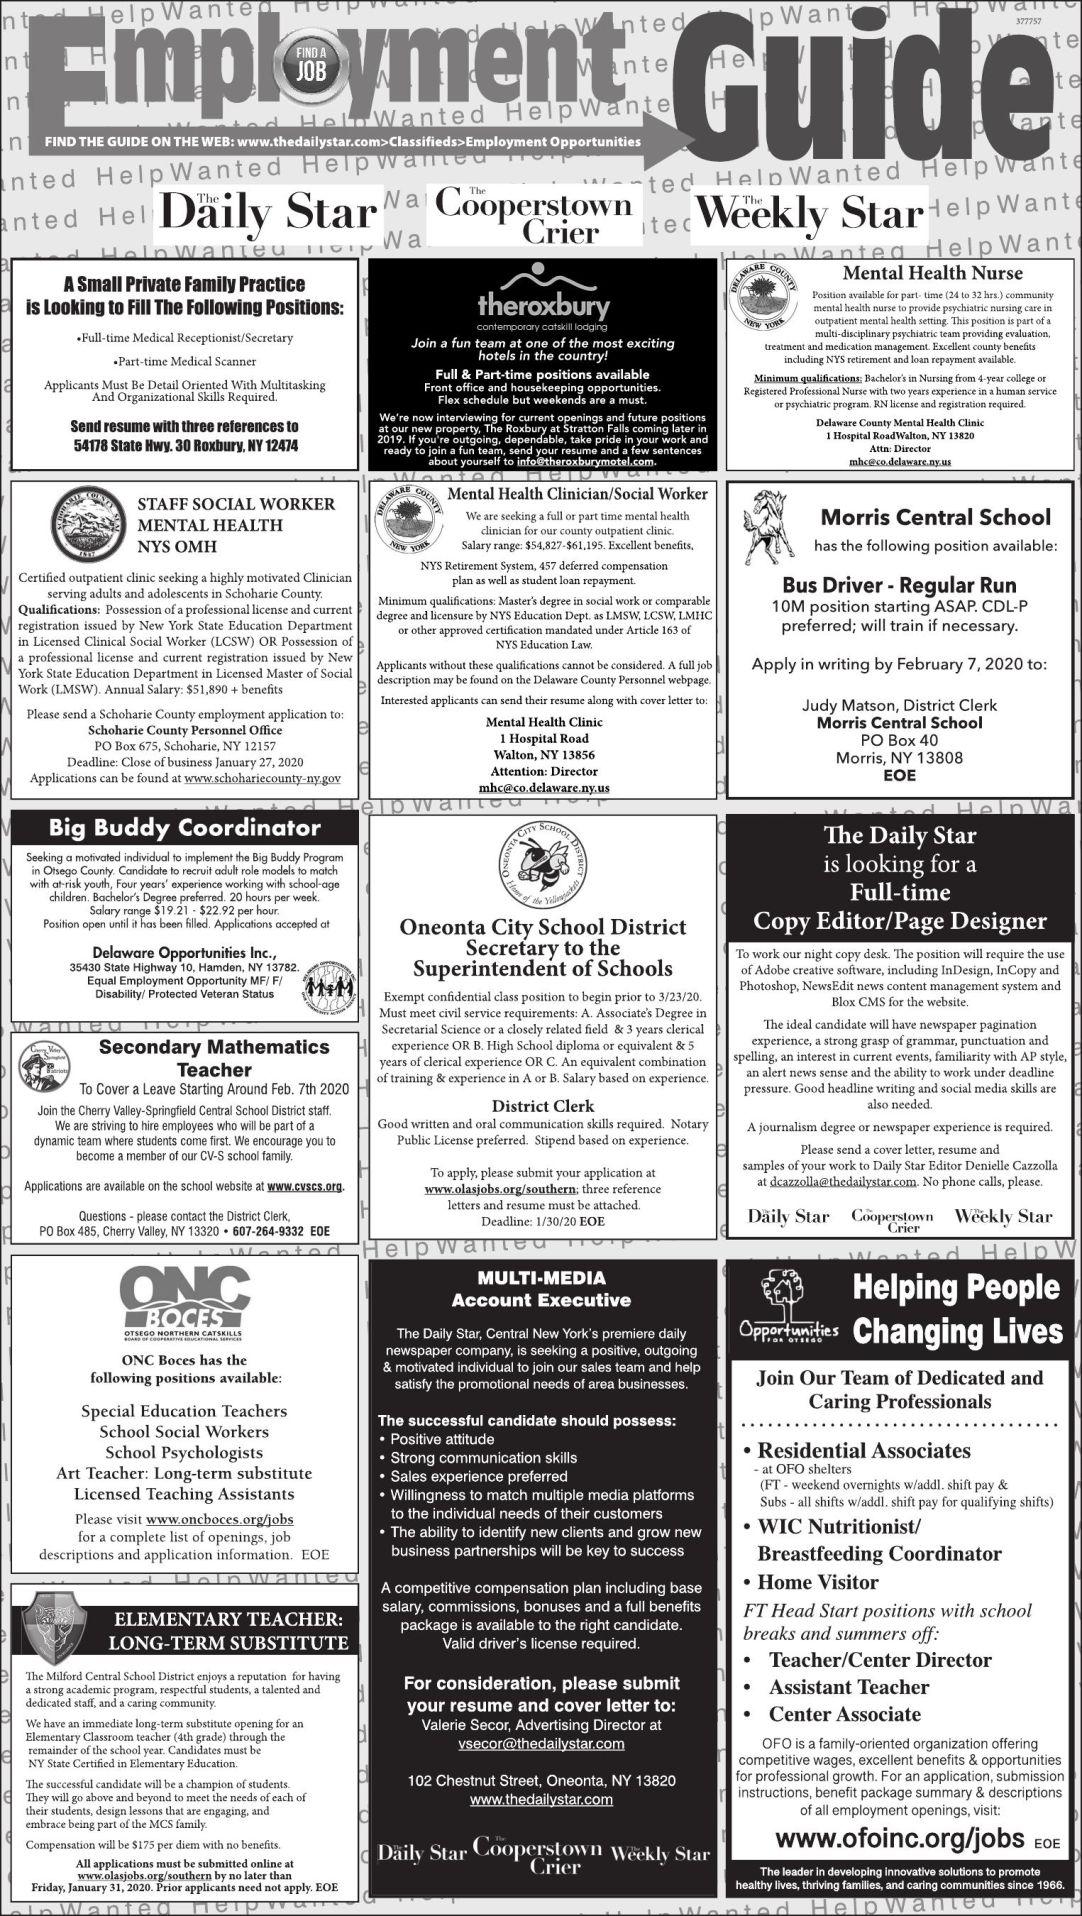 Employment Opportunities - 1/25/2020